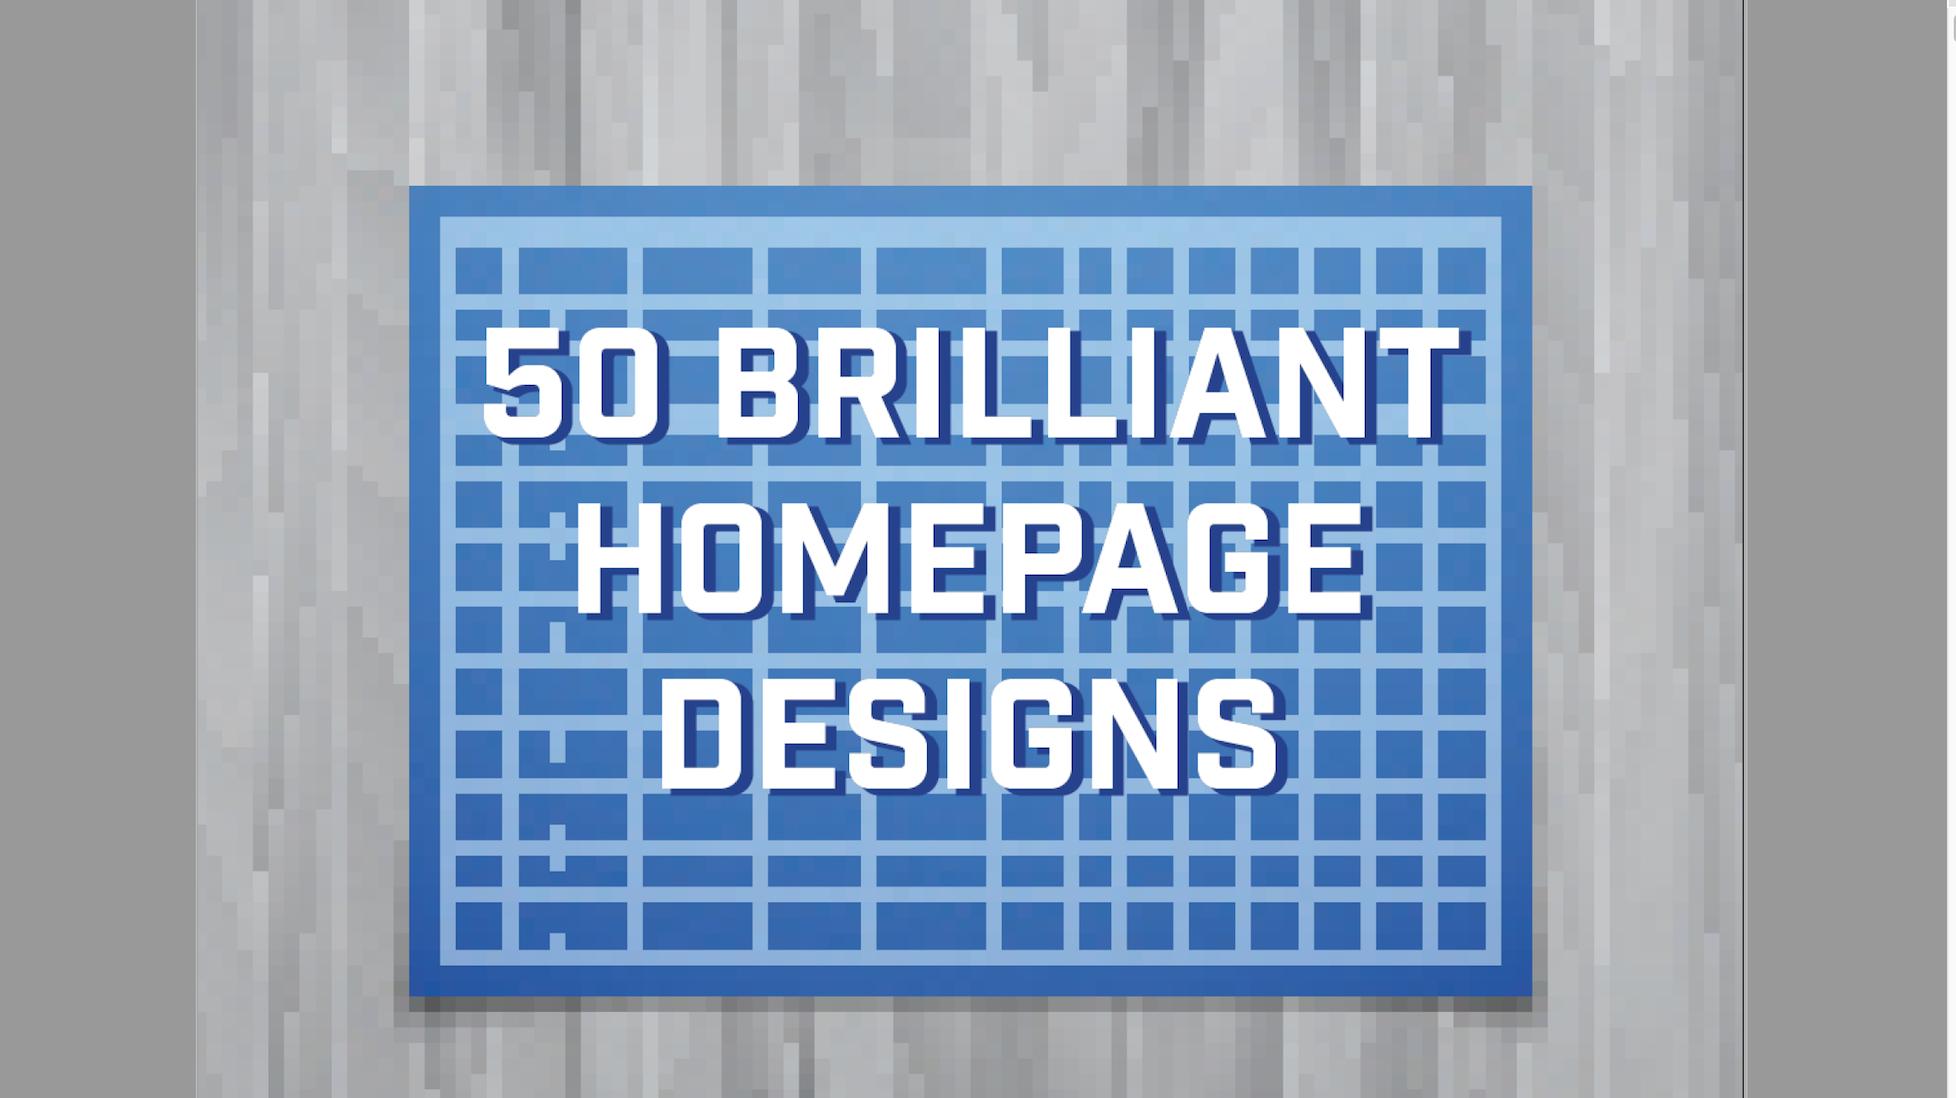 50 Brilliant Home Page Designs